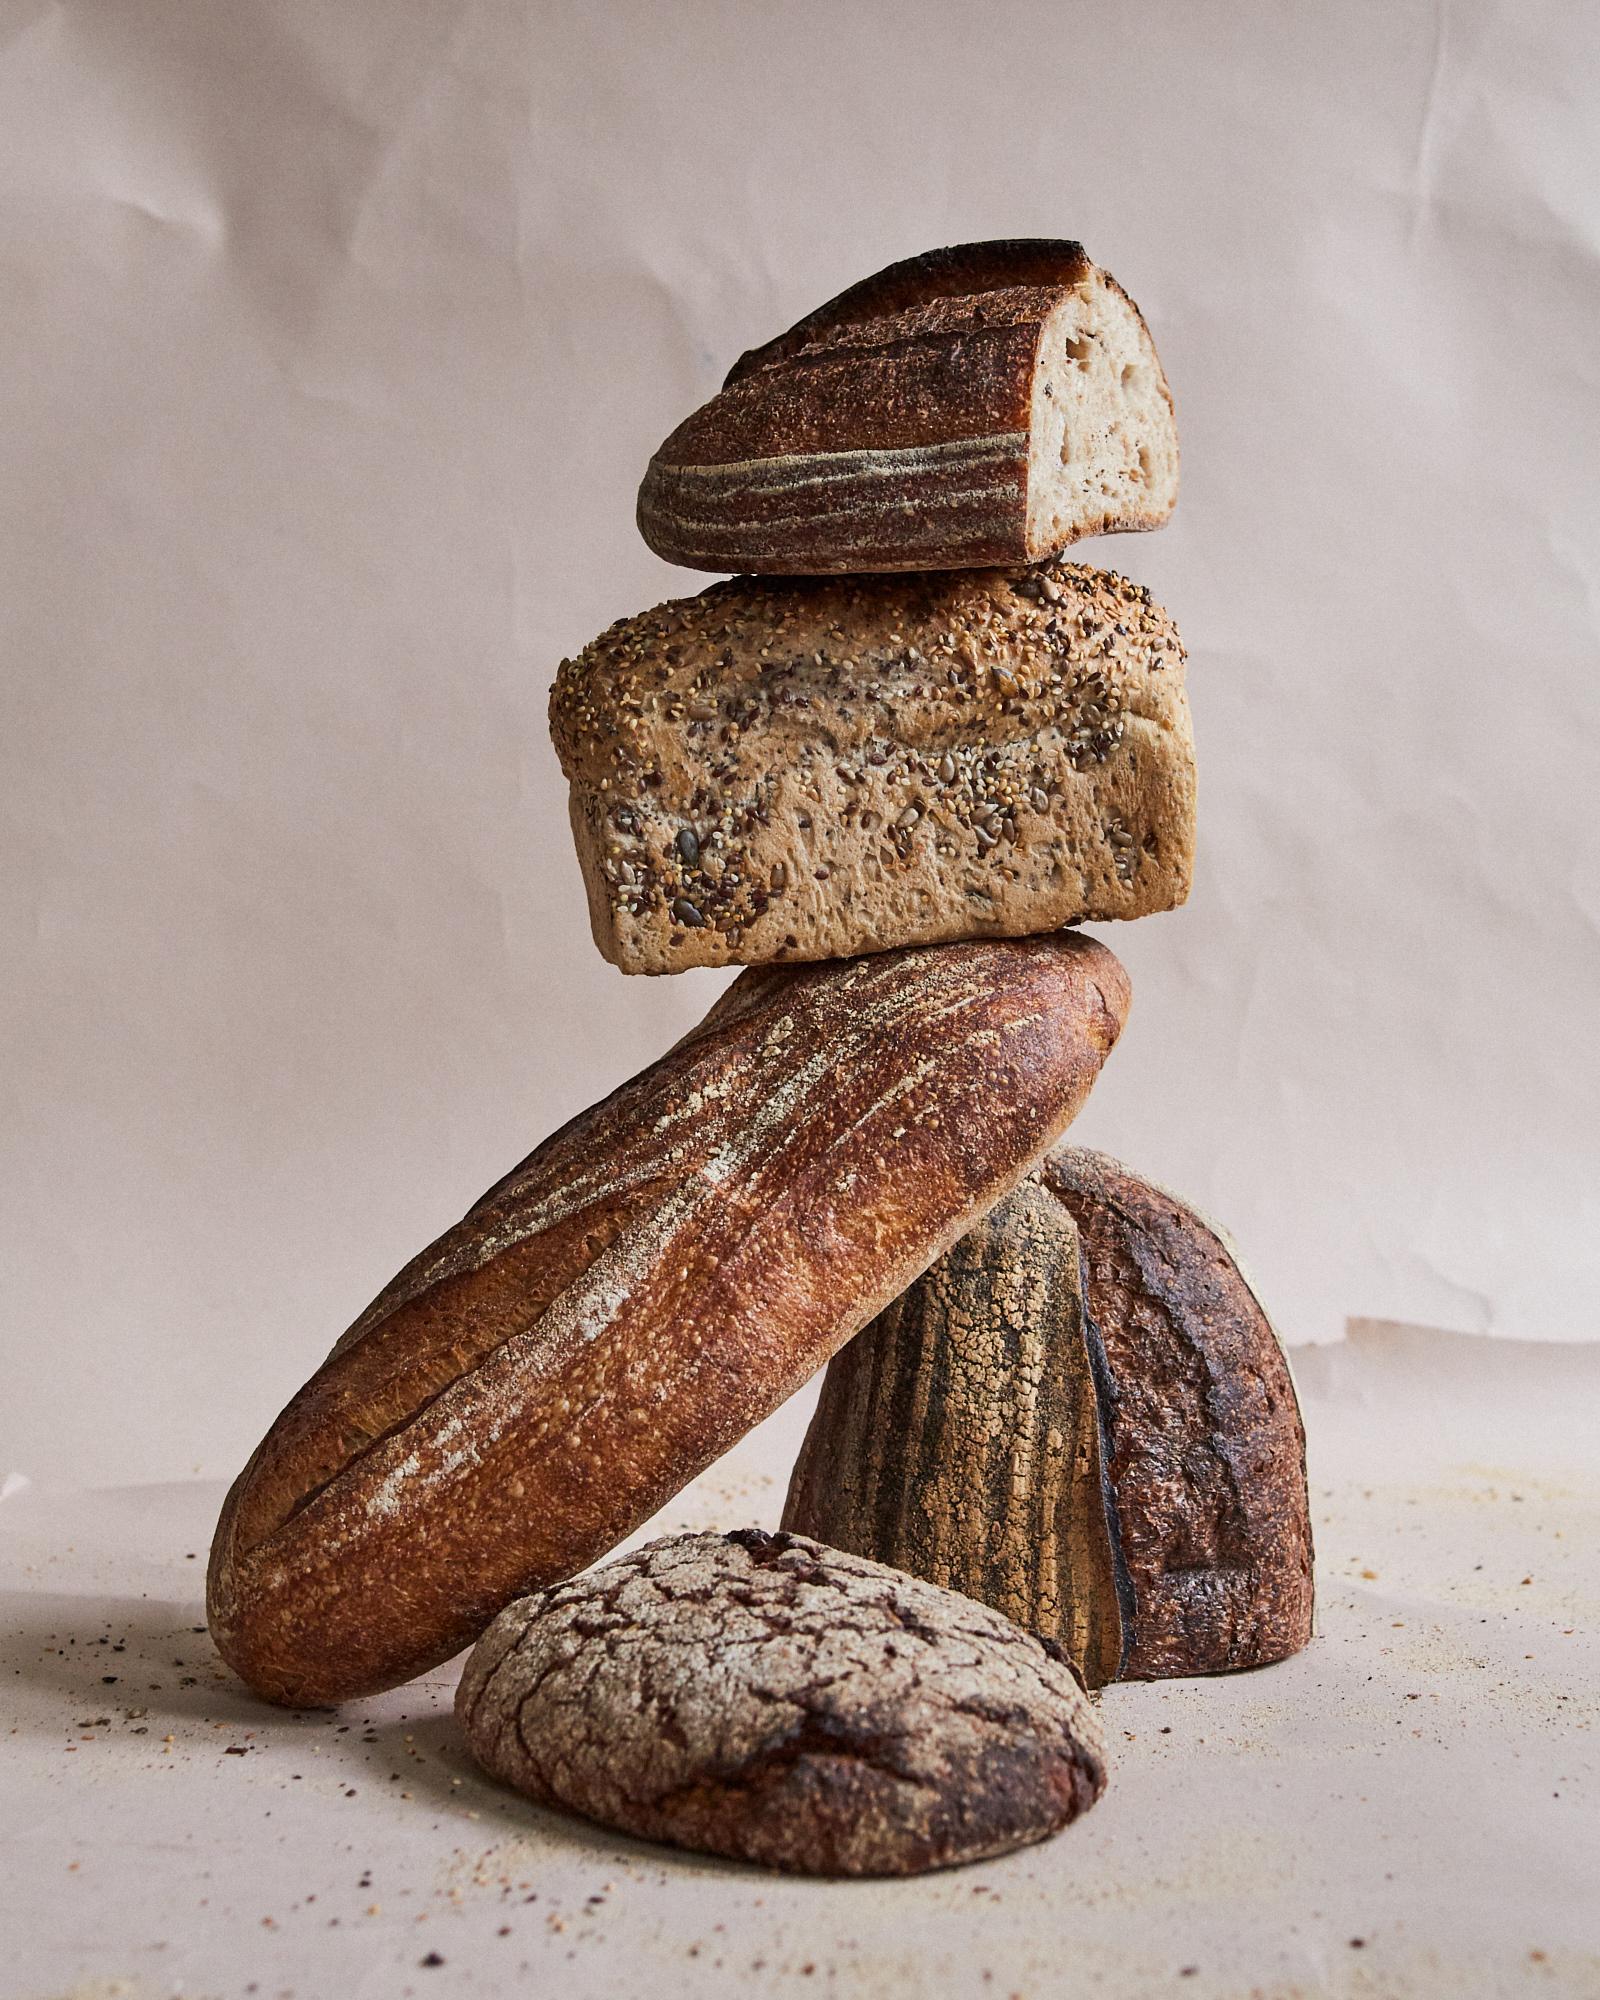 20200418_Bread4570-1